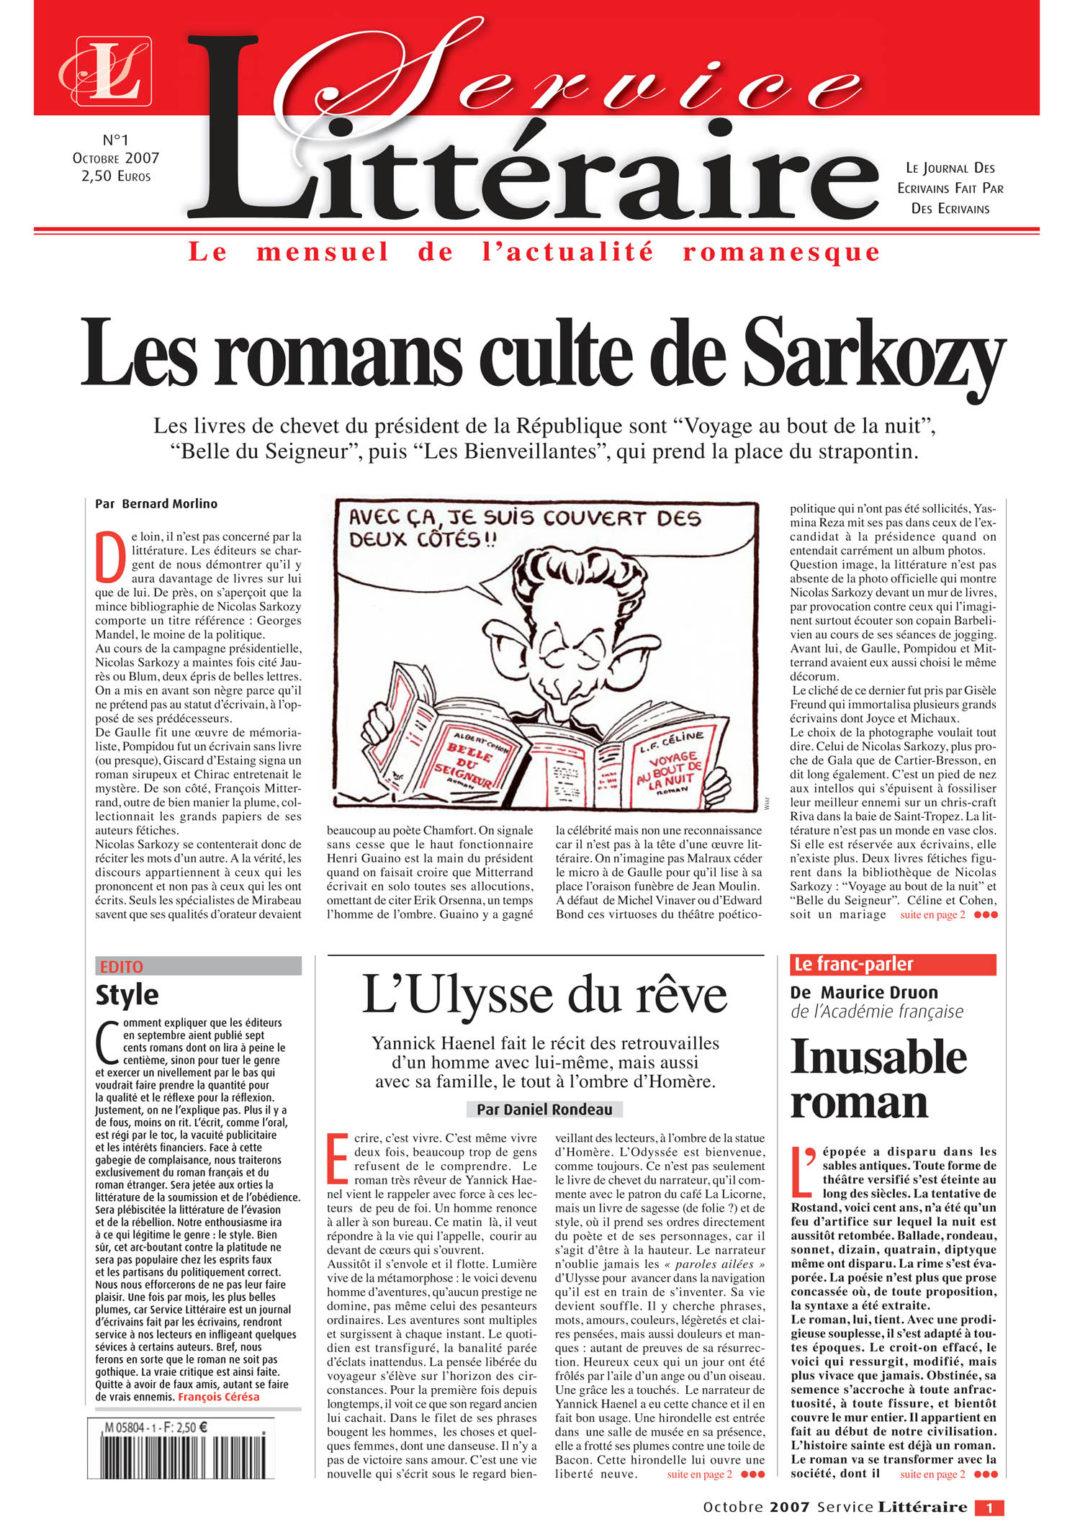 Les romans cultes de Sarkozy